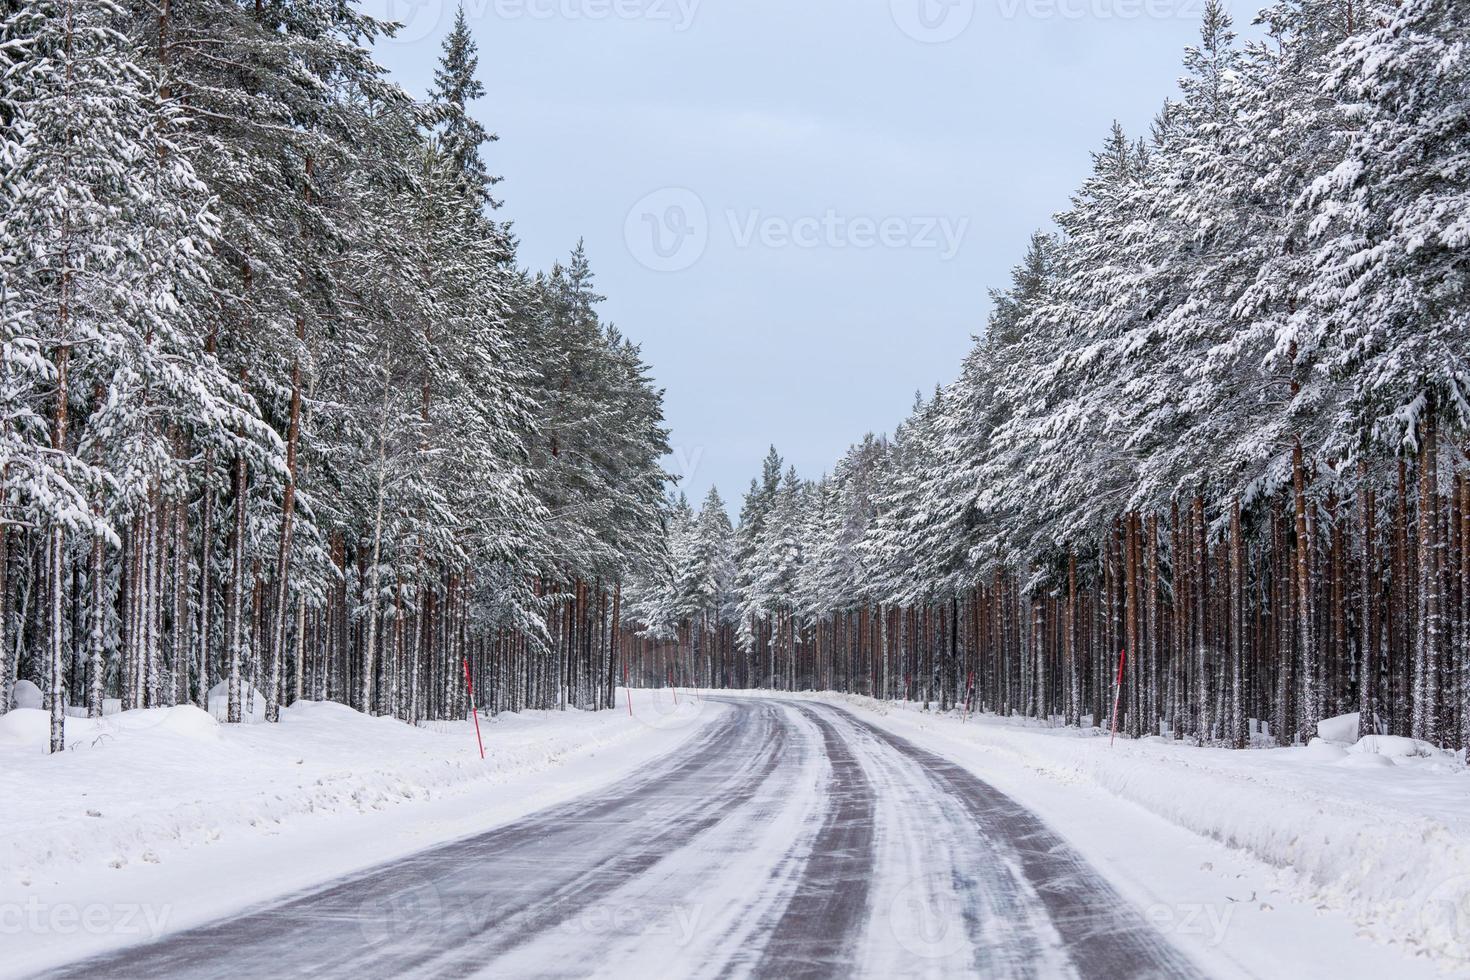 strada in un paesaggio invernale foto